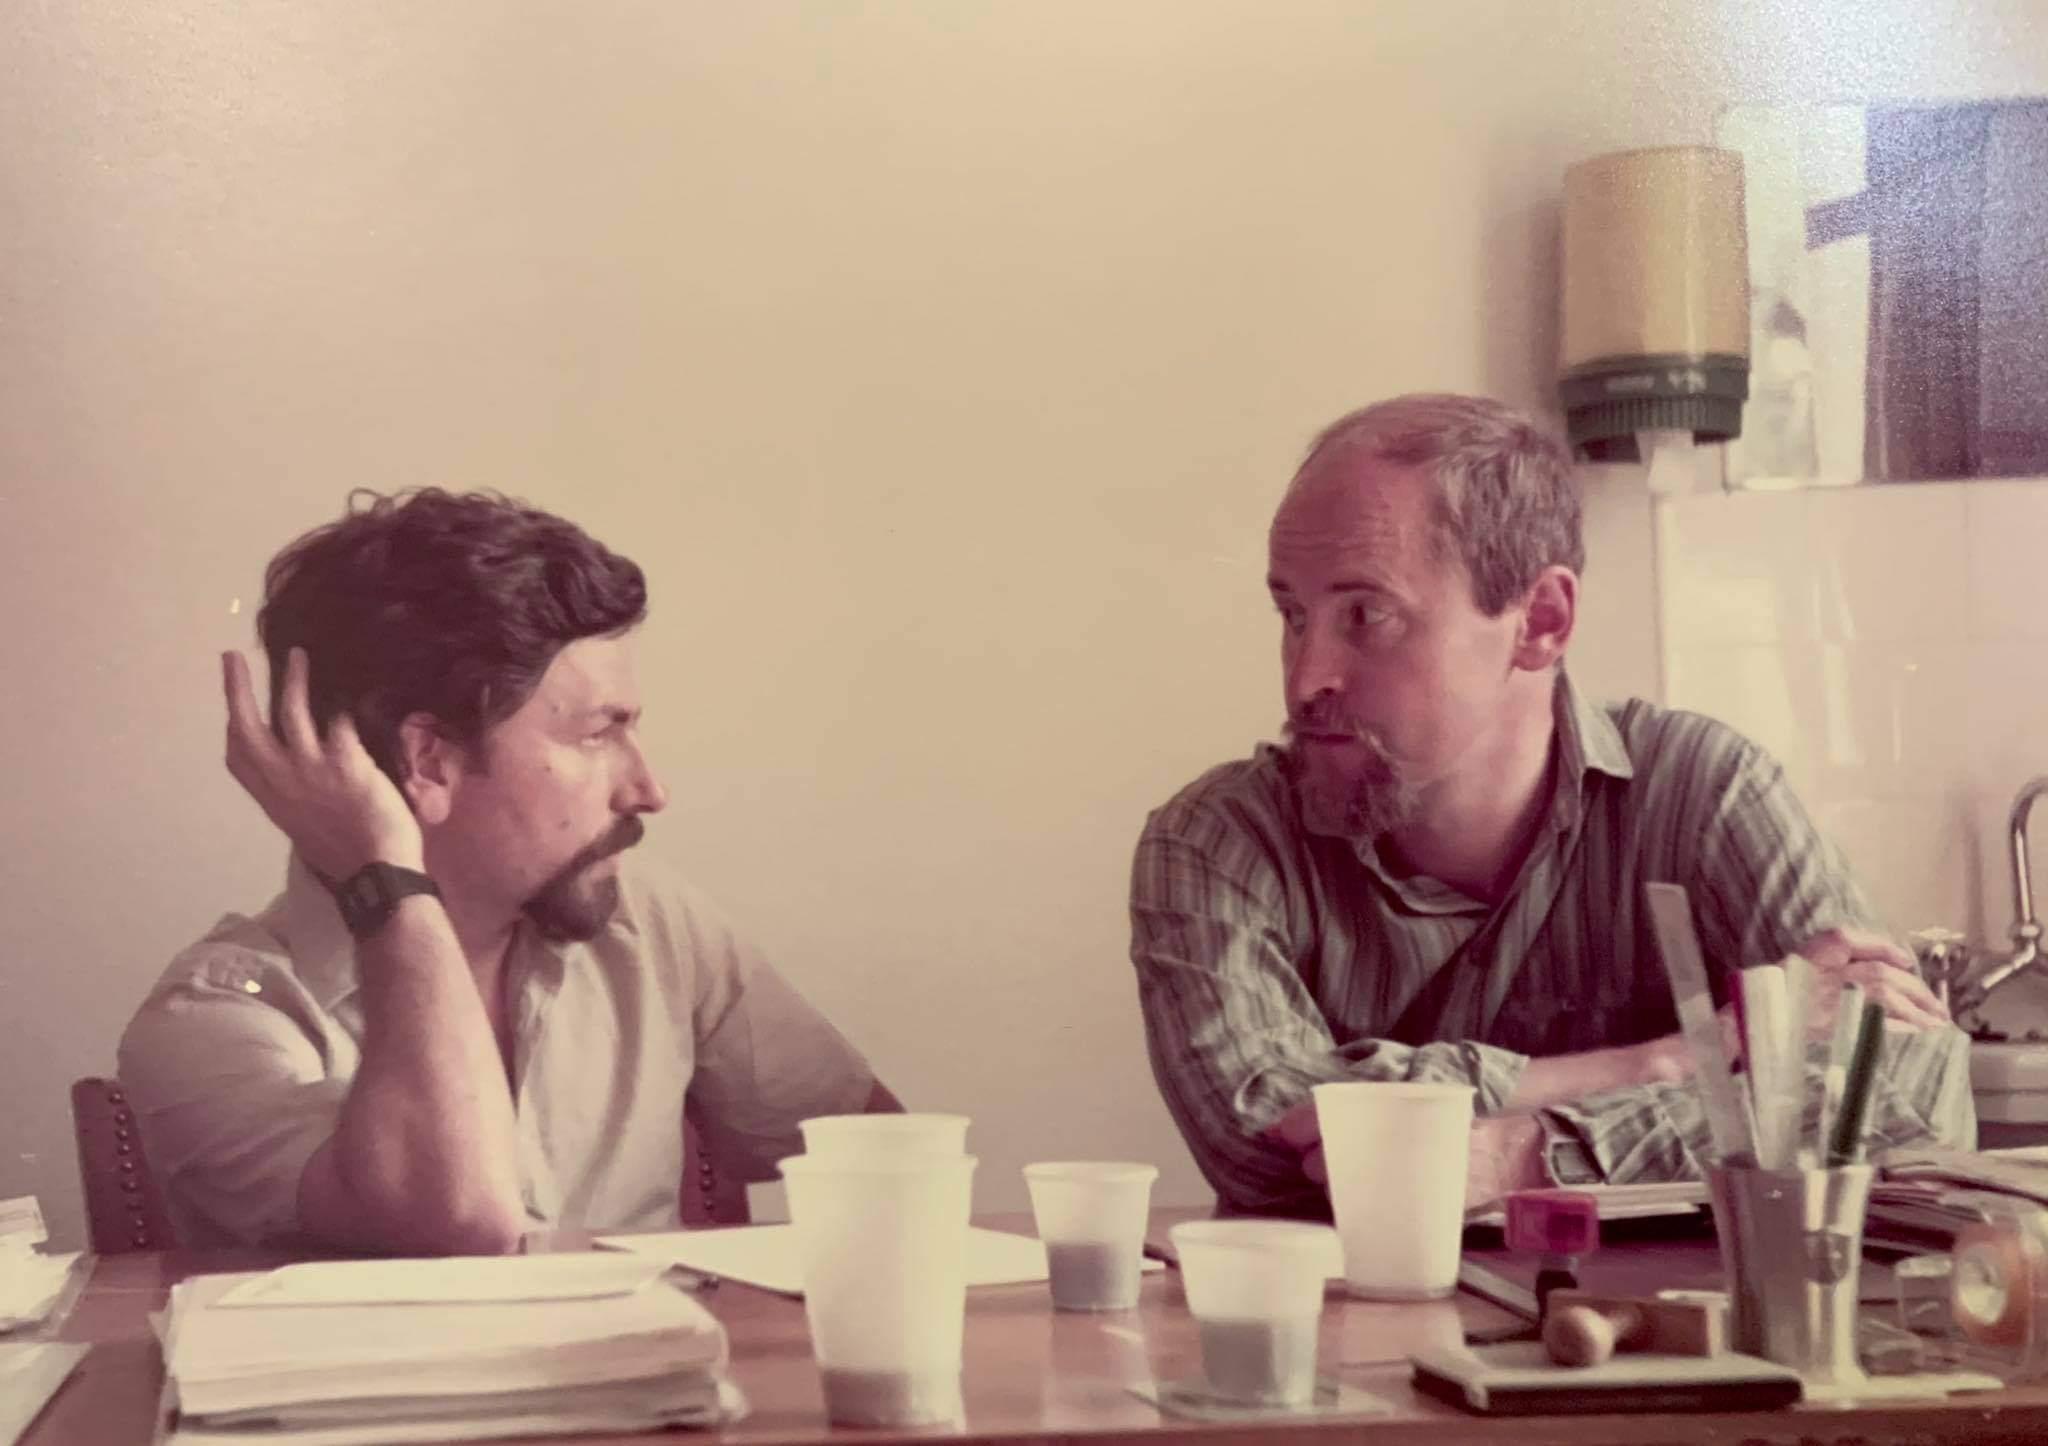 Γιώργος Τόλης (αριστερά) με τον Γερμανό συνάδελφο του Lundecke. Επιστημονική συνεργασία με αντικείμενο Συνέδριο για την αυξητική ορμόνη (1984)